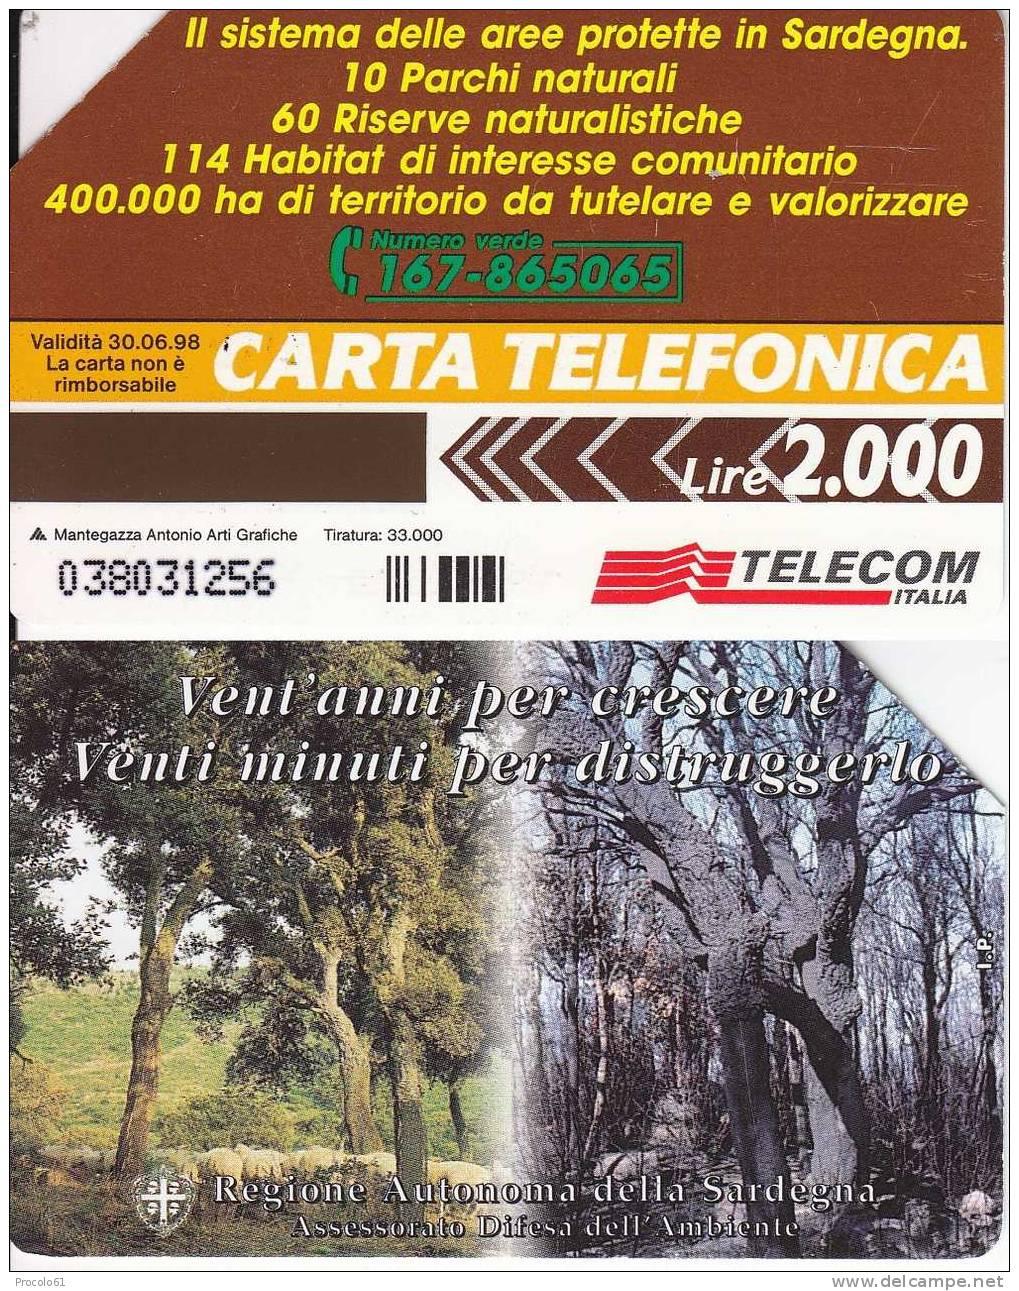 PRIVATE RESE PUBBLICHE GOLDEN 300 REGIONE SARDEGNA 2.000 Tiratura 33.000 - Pubbliche Pubblicitarie